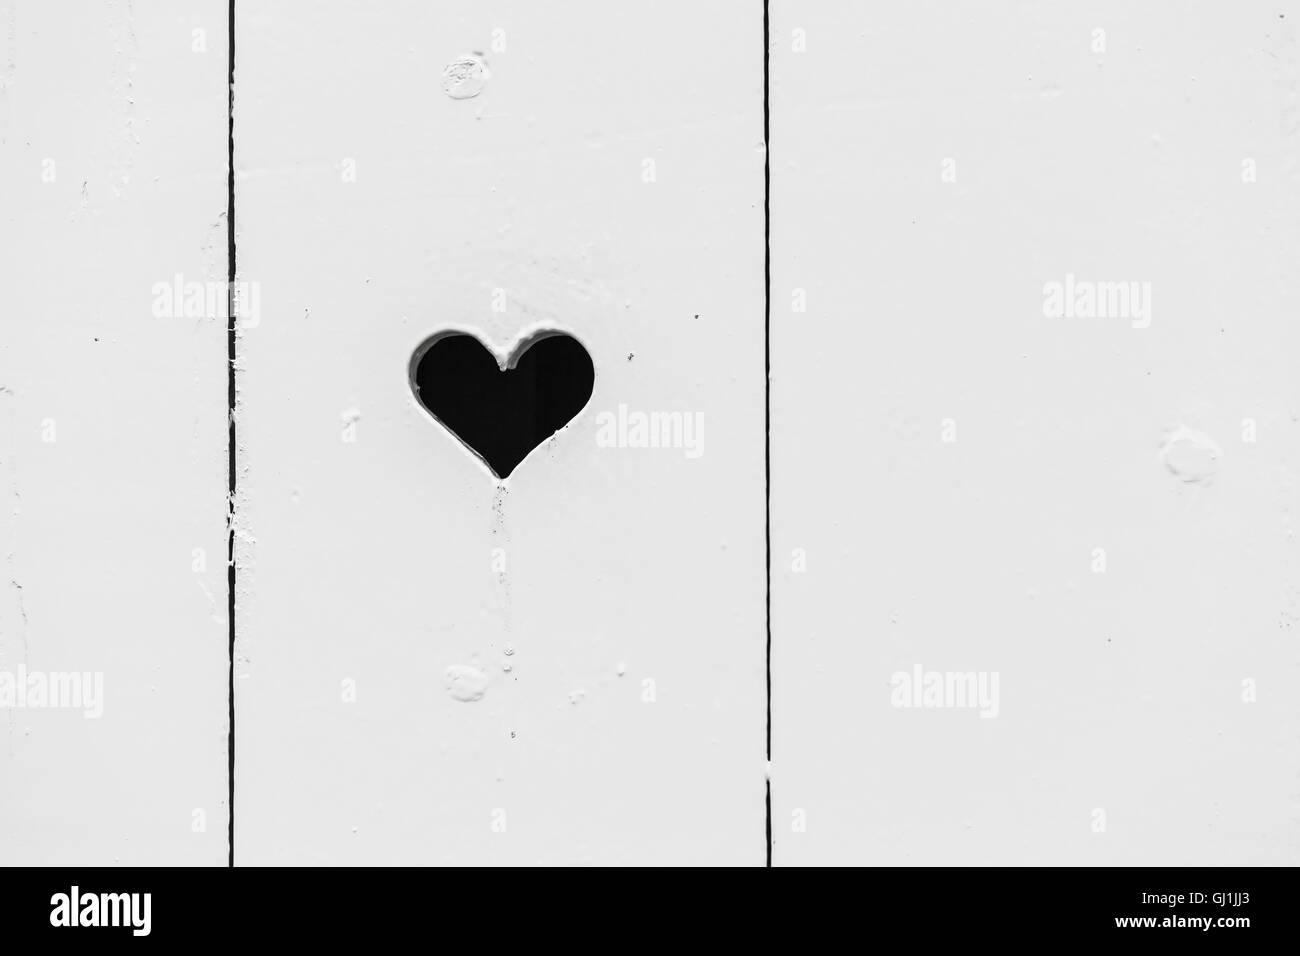 Cuore Nero Foro Sagomato In Bianco Parete In Legno Foto Di Sfondo